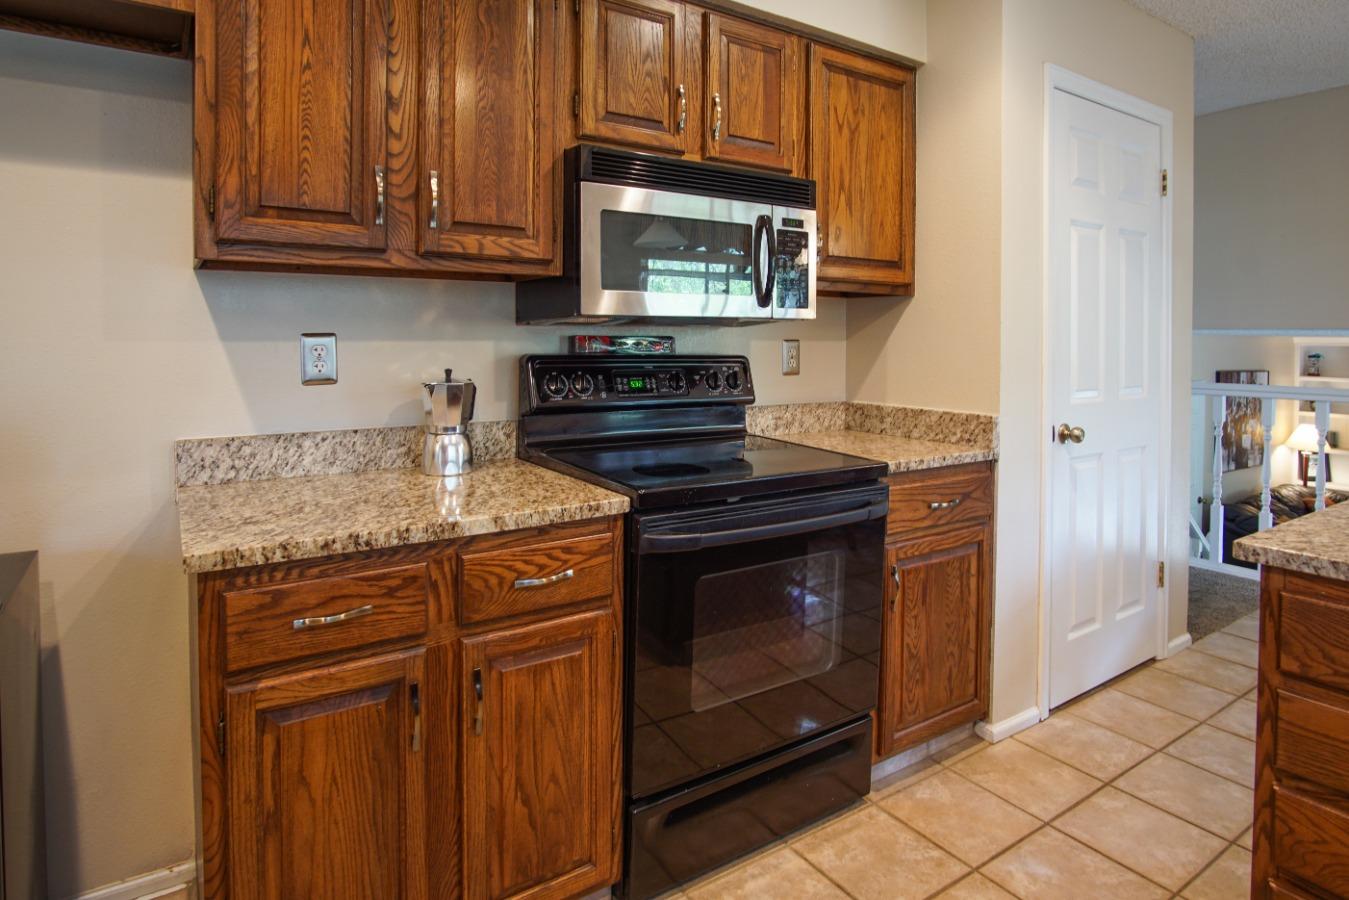 Efficient kitchen layout